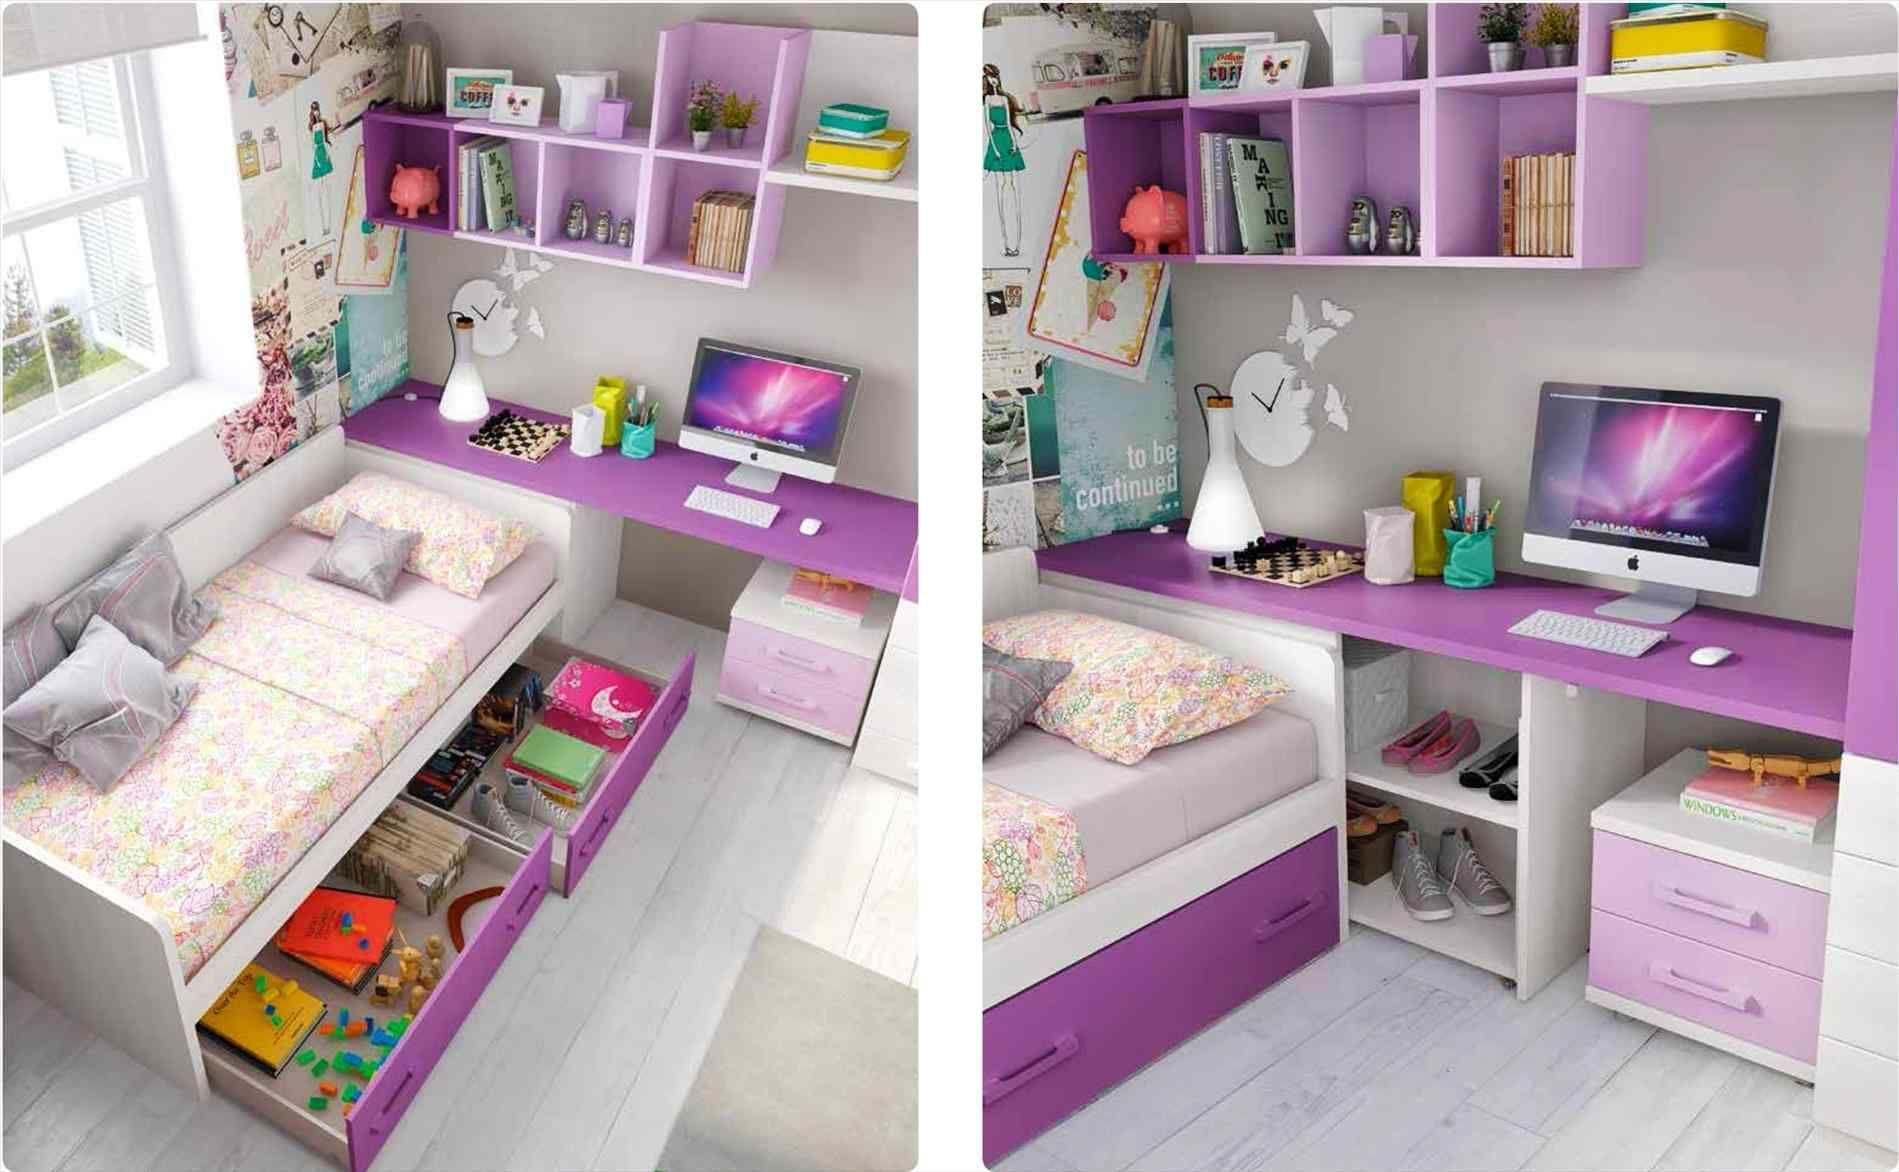 Rangement Chambre Fille Ado Amenager Chambre 112M12 Chambre Design ...